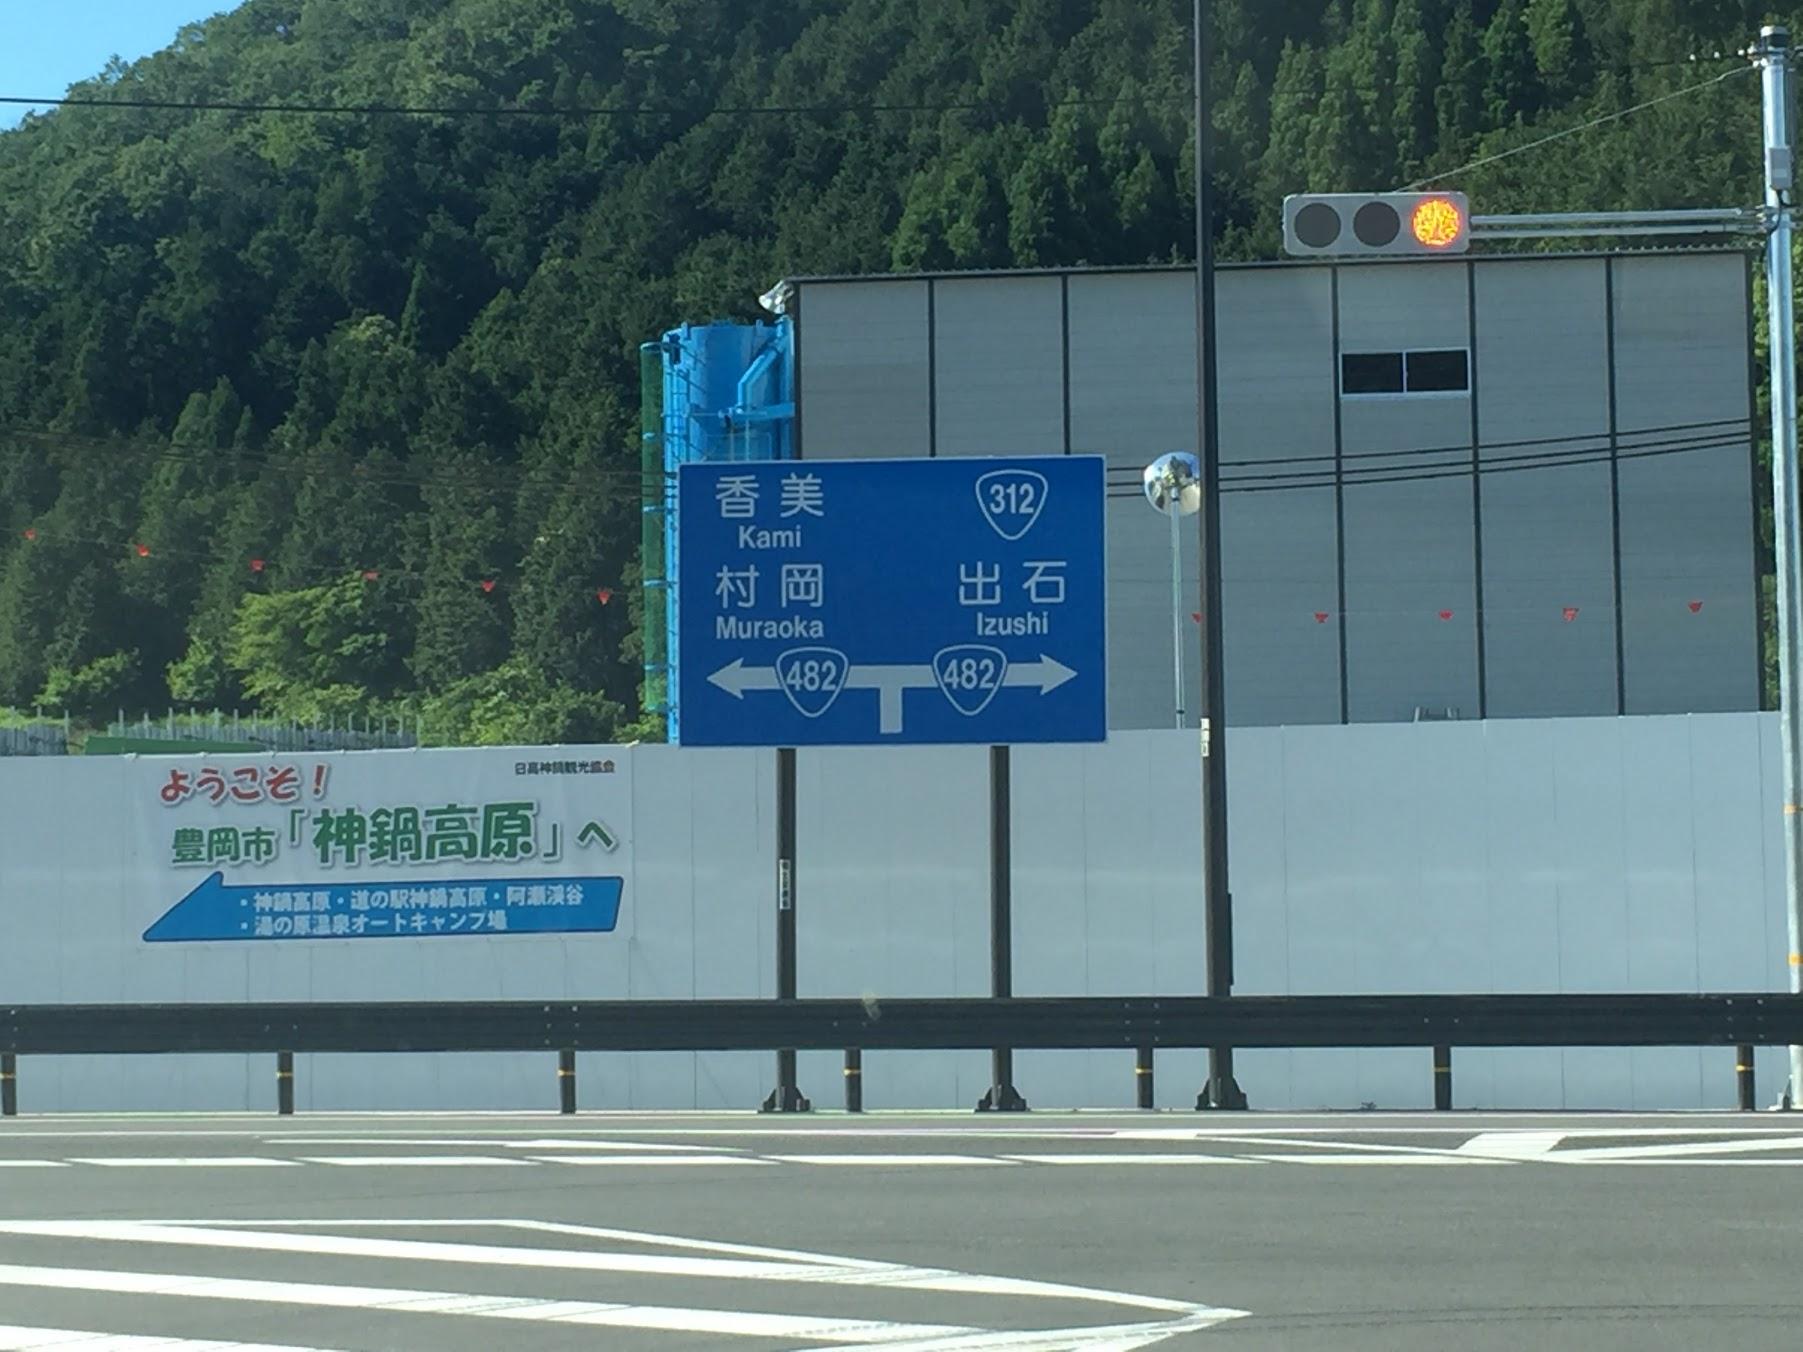 繁忙日は日高神鍋高原IC周辺の渋滞にご注意下さい!~夏休みに城崎温泉 ...